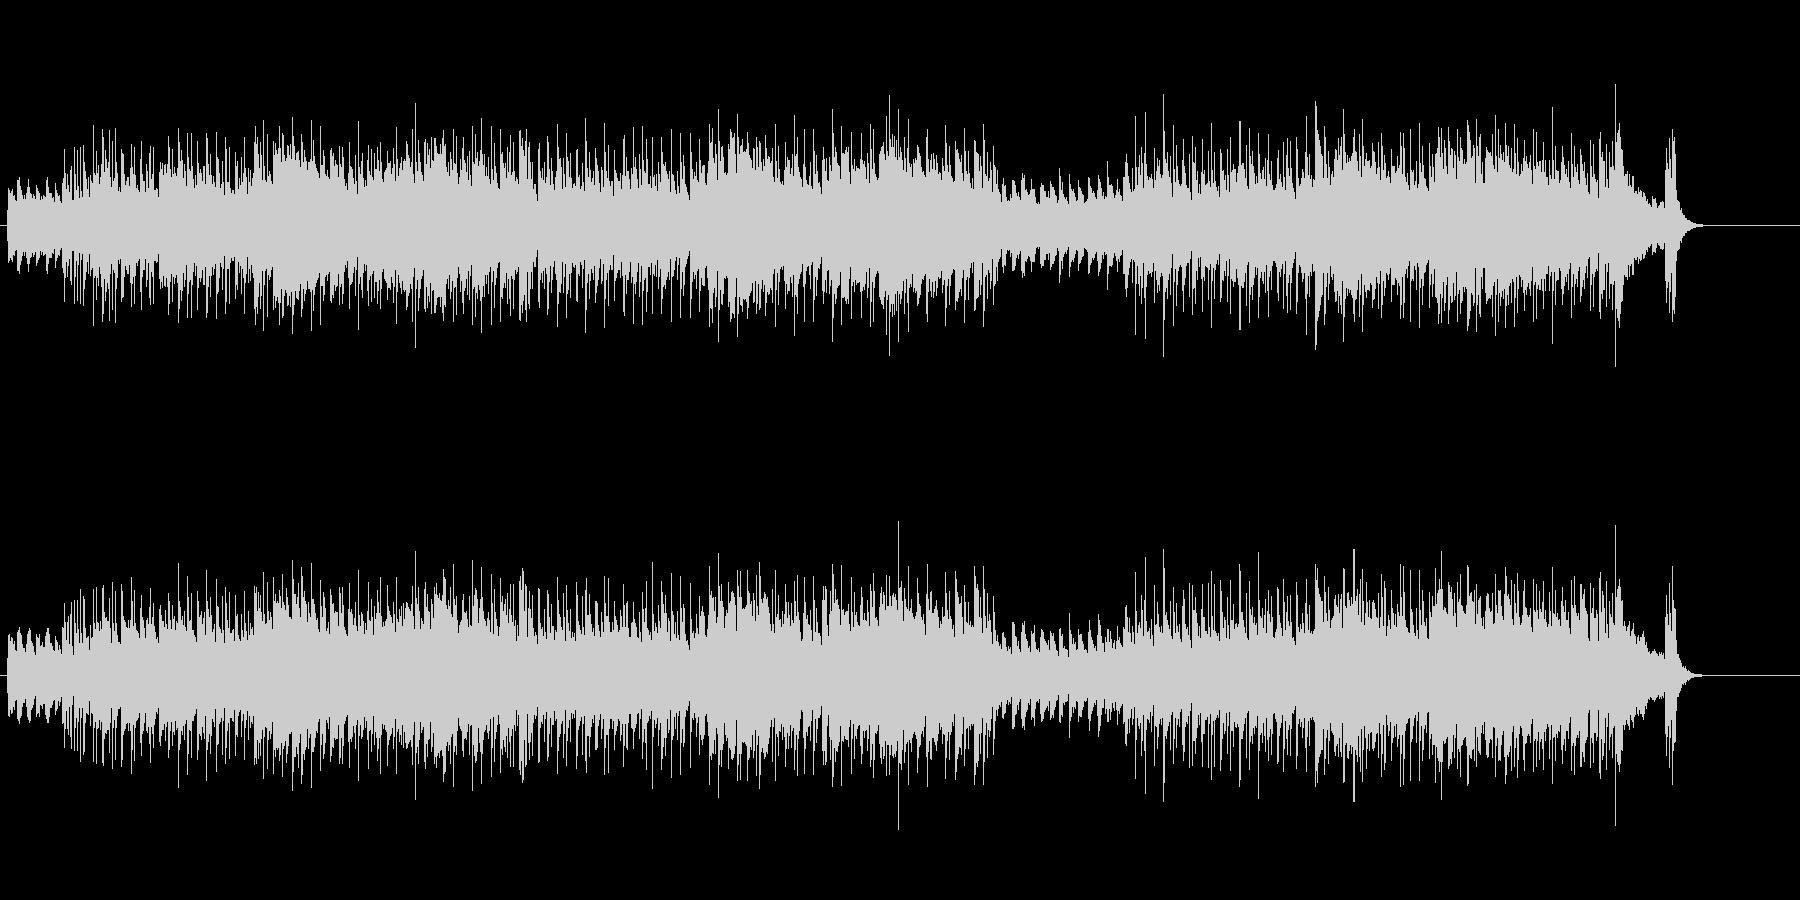 ブラスとピアノによるポップ・アンサンブルの未再生の波形